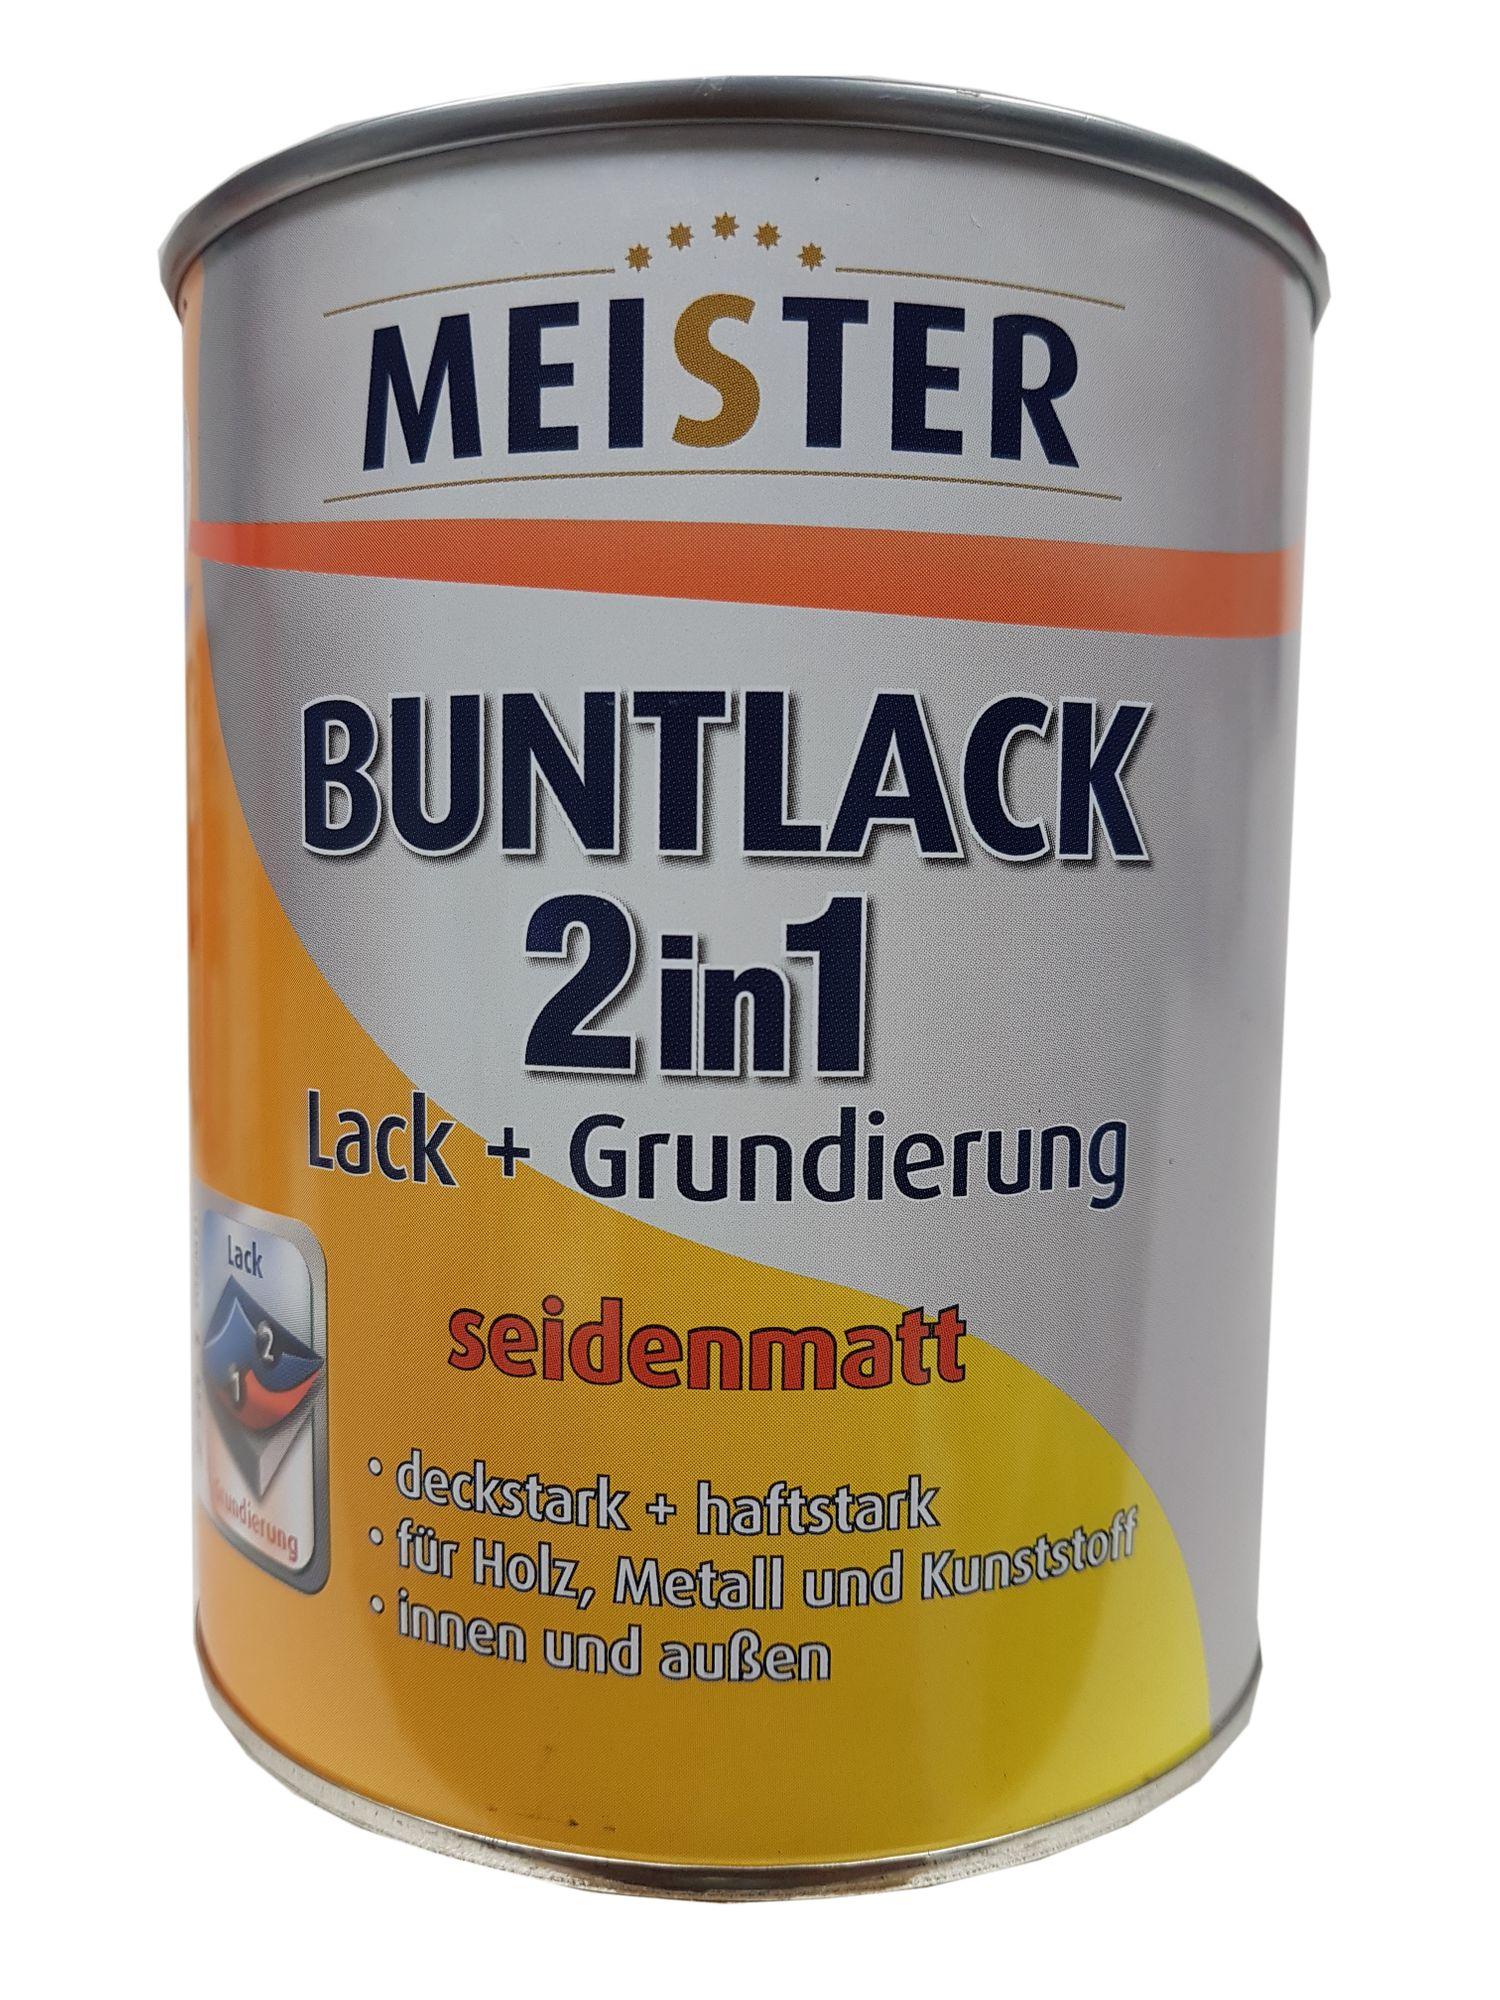 Meister Buntlack 2 in 1 Lack + Grundierung innen/außen Seidenmatt 0.75 l Farbton wählbar